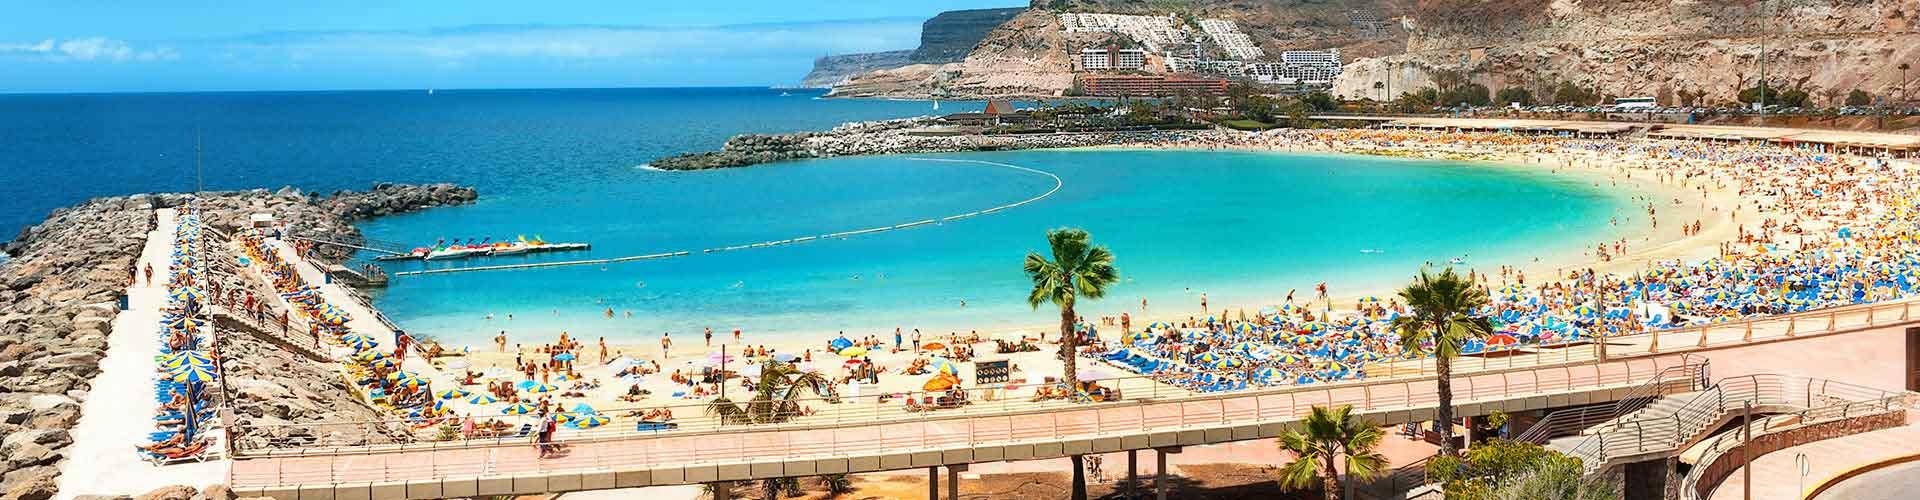 Gran Canaria - Apartamentos en Gran Canaria. Mapas de Gran Canaria, Fotos y comentarios de cada Apartamento en Gran Canaria.